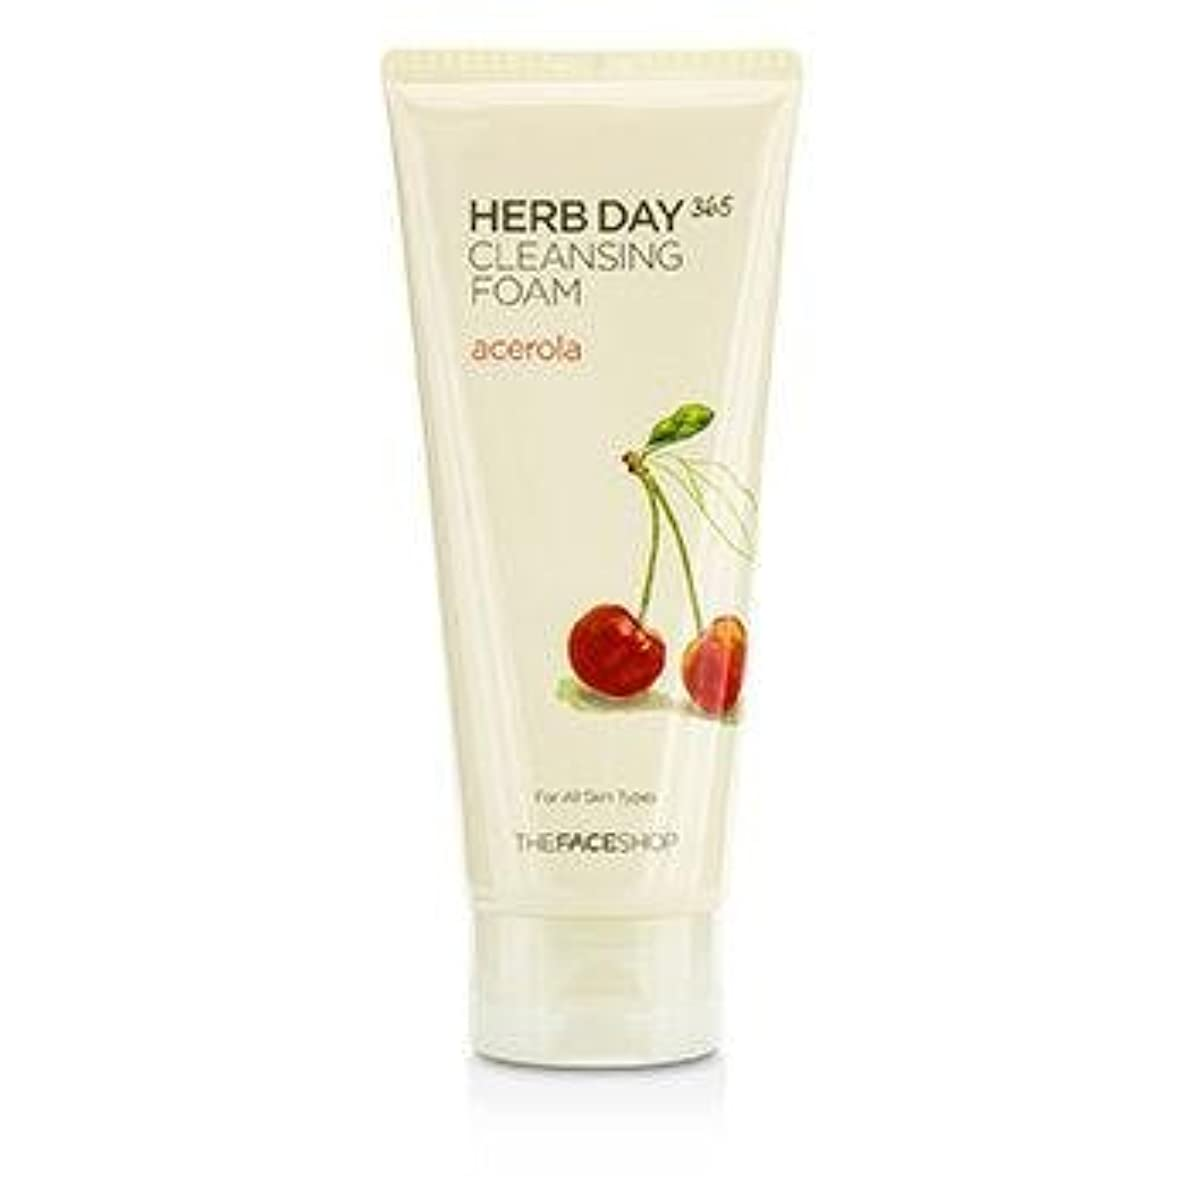 習字出くわす瞑想するTHE FACE SHOP Herb Day 365 Cleansing Foam Acerola (並行輸入品)